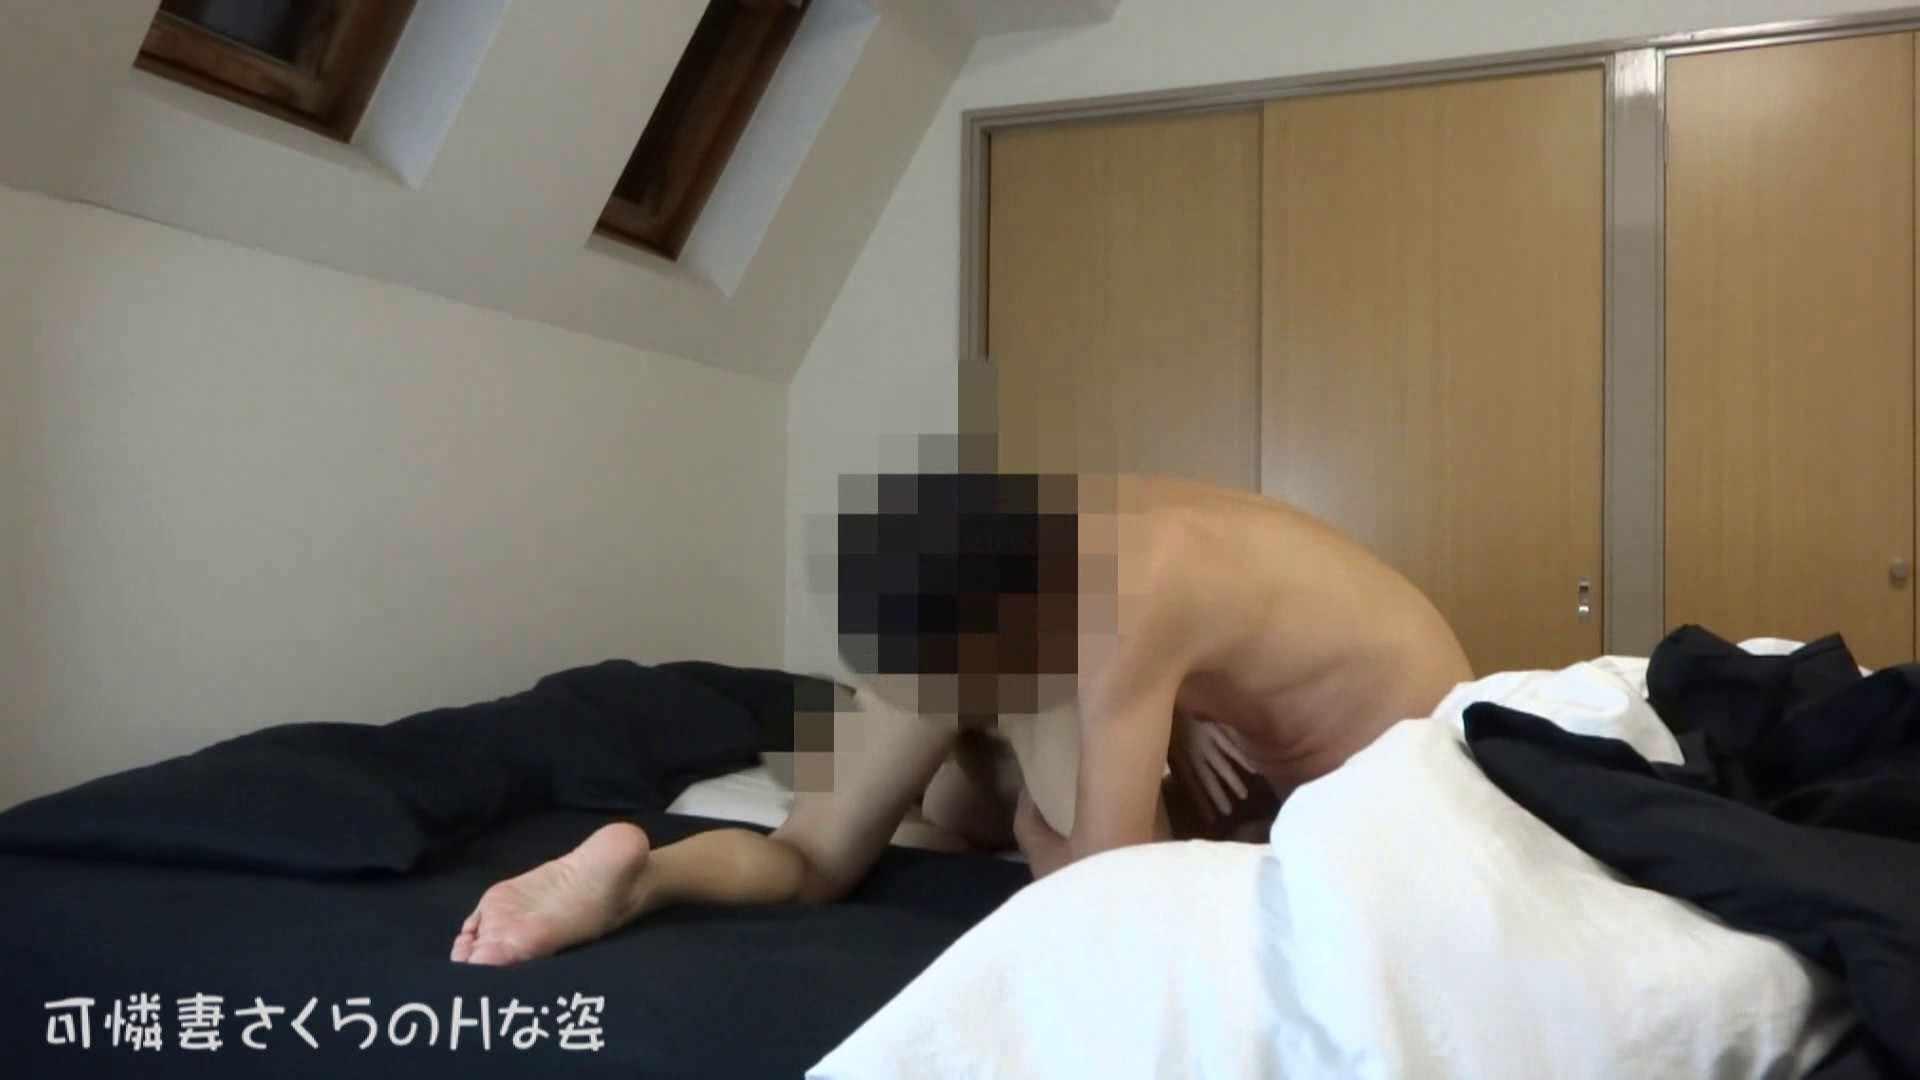 可憐妻さくらのHな姿vol.27 巨乳デカ乳 | OL裸体  77画像 24